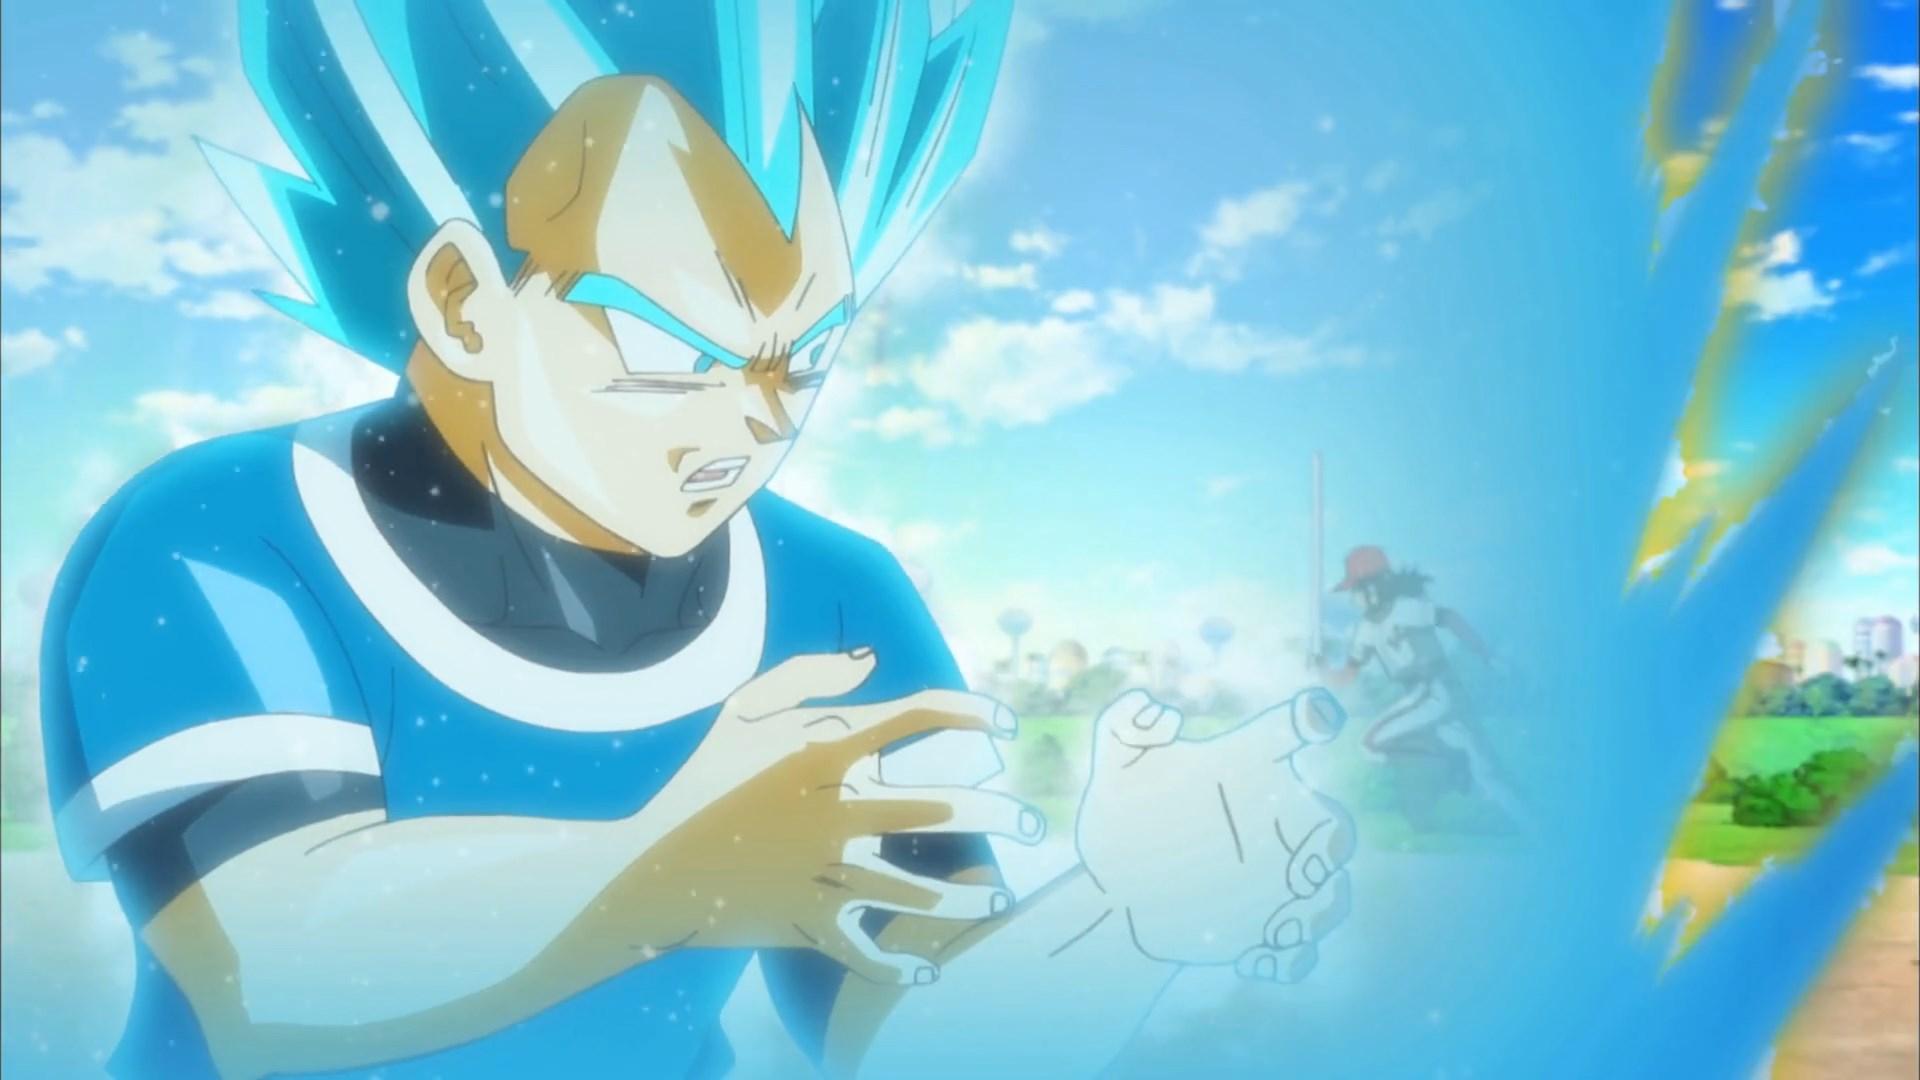 [DS] Dragon Ball Super 070 [1080p].mkv_snapshot_16.12_[2016.12.11_03.52.43]